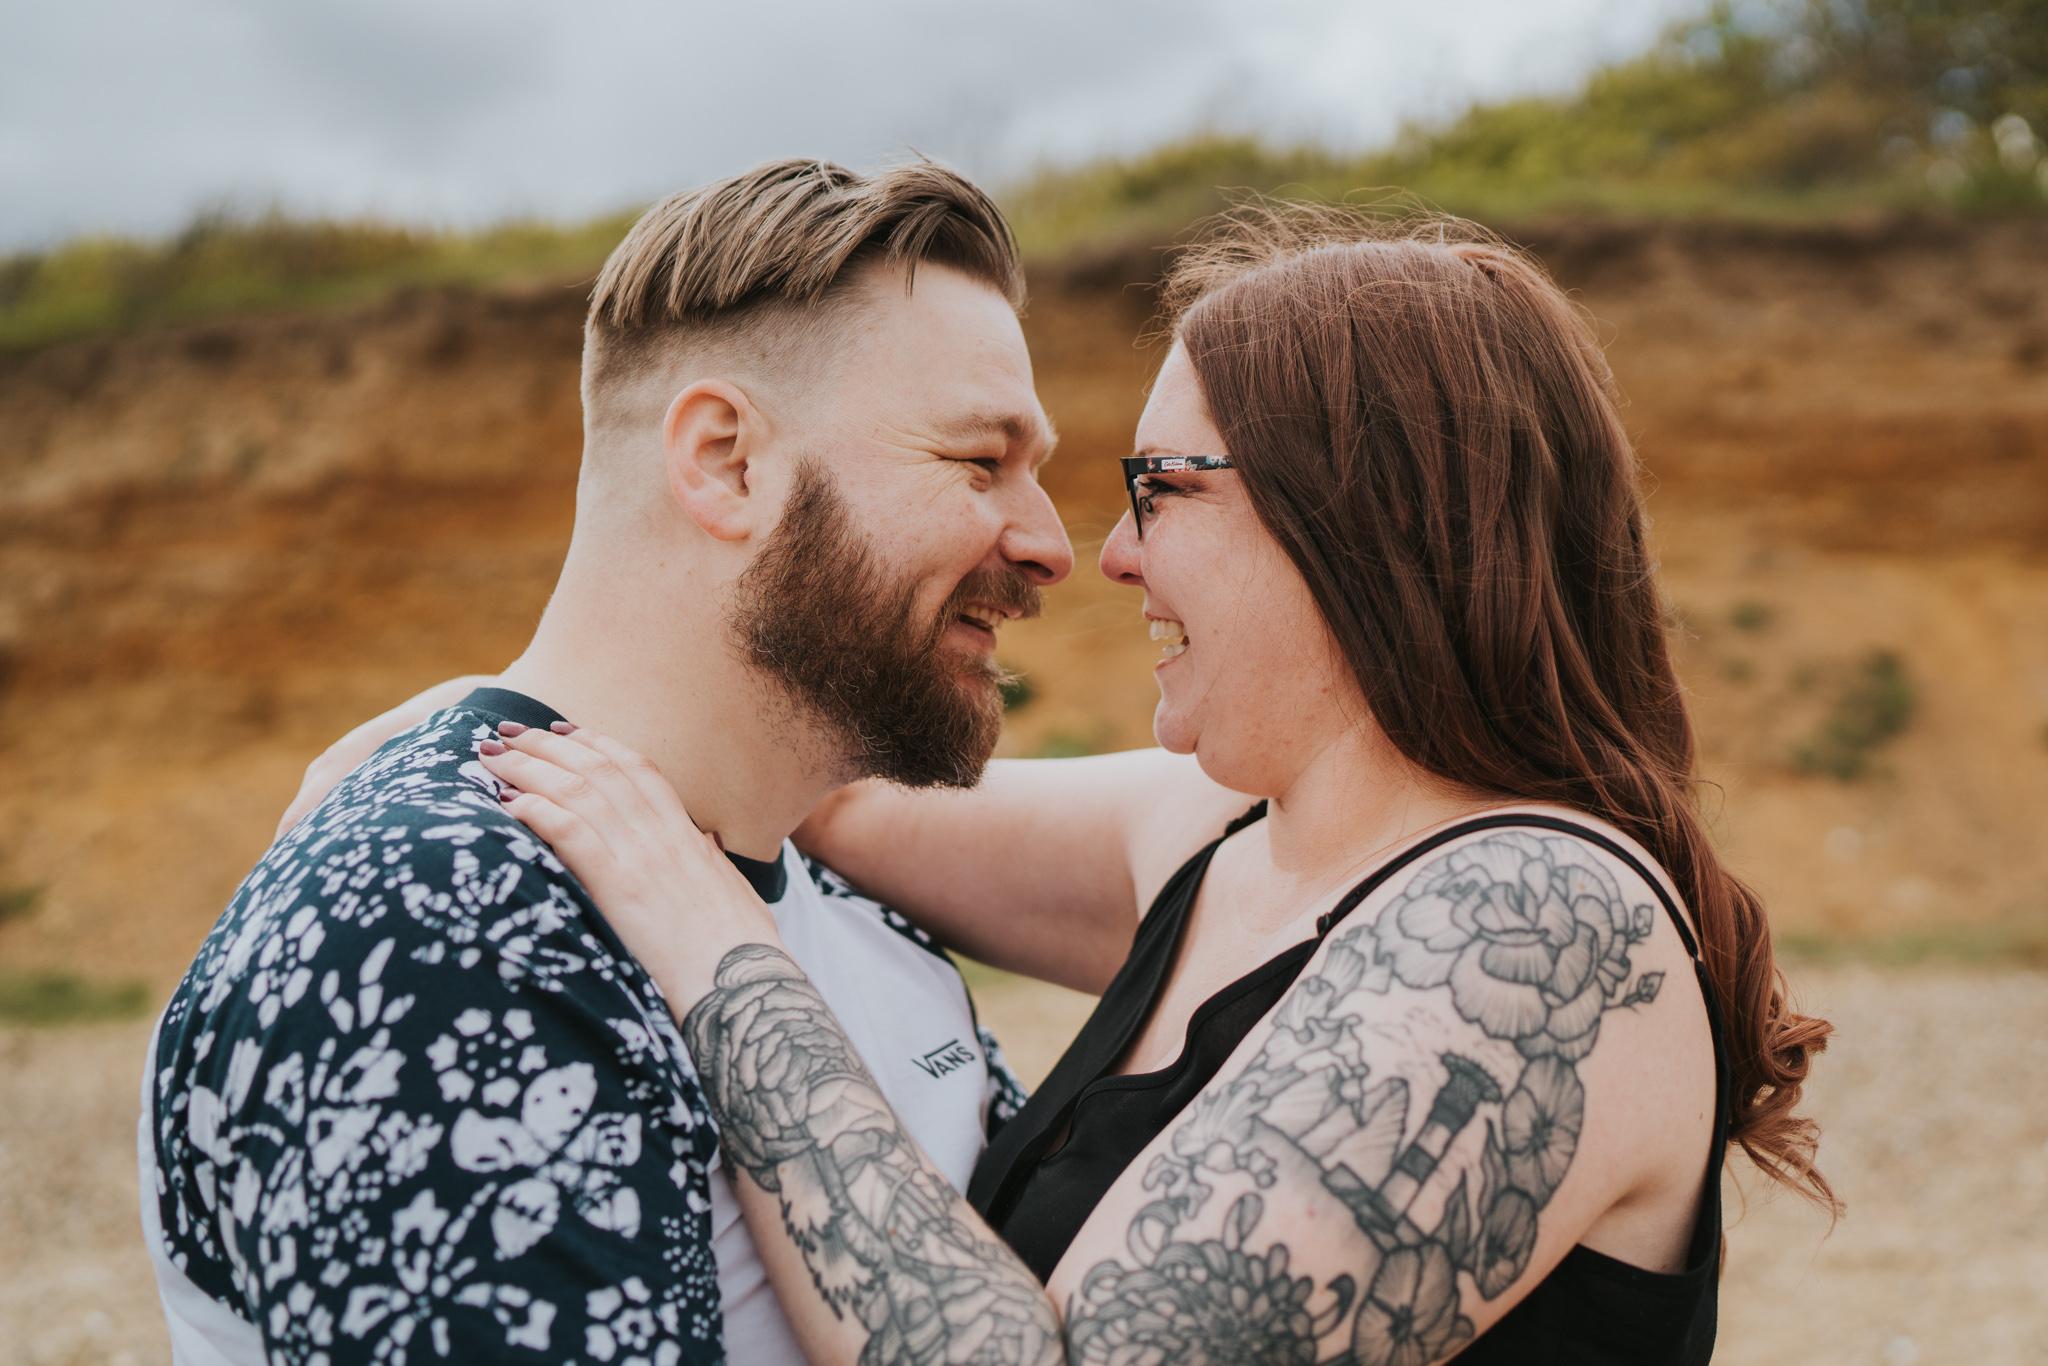 katrina-jim-cudmore-grove-beach-couple-engagement-session-grace-elizabeth-colchester-essex-alternative-wedding-lifestyle-photographer-essex-suffolk-norfolk-devon (35 of 47).jpg